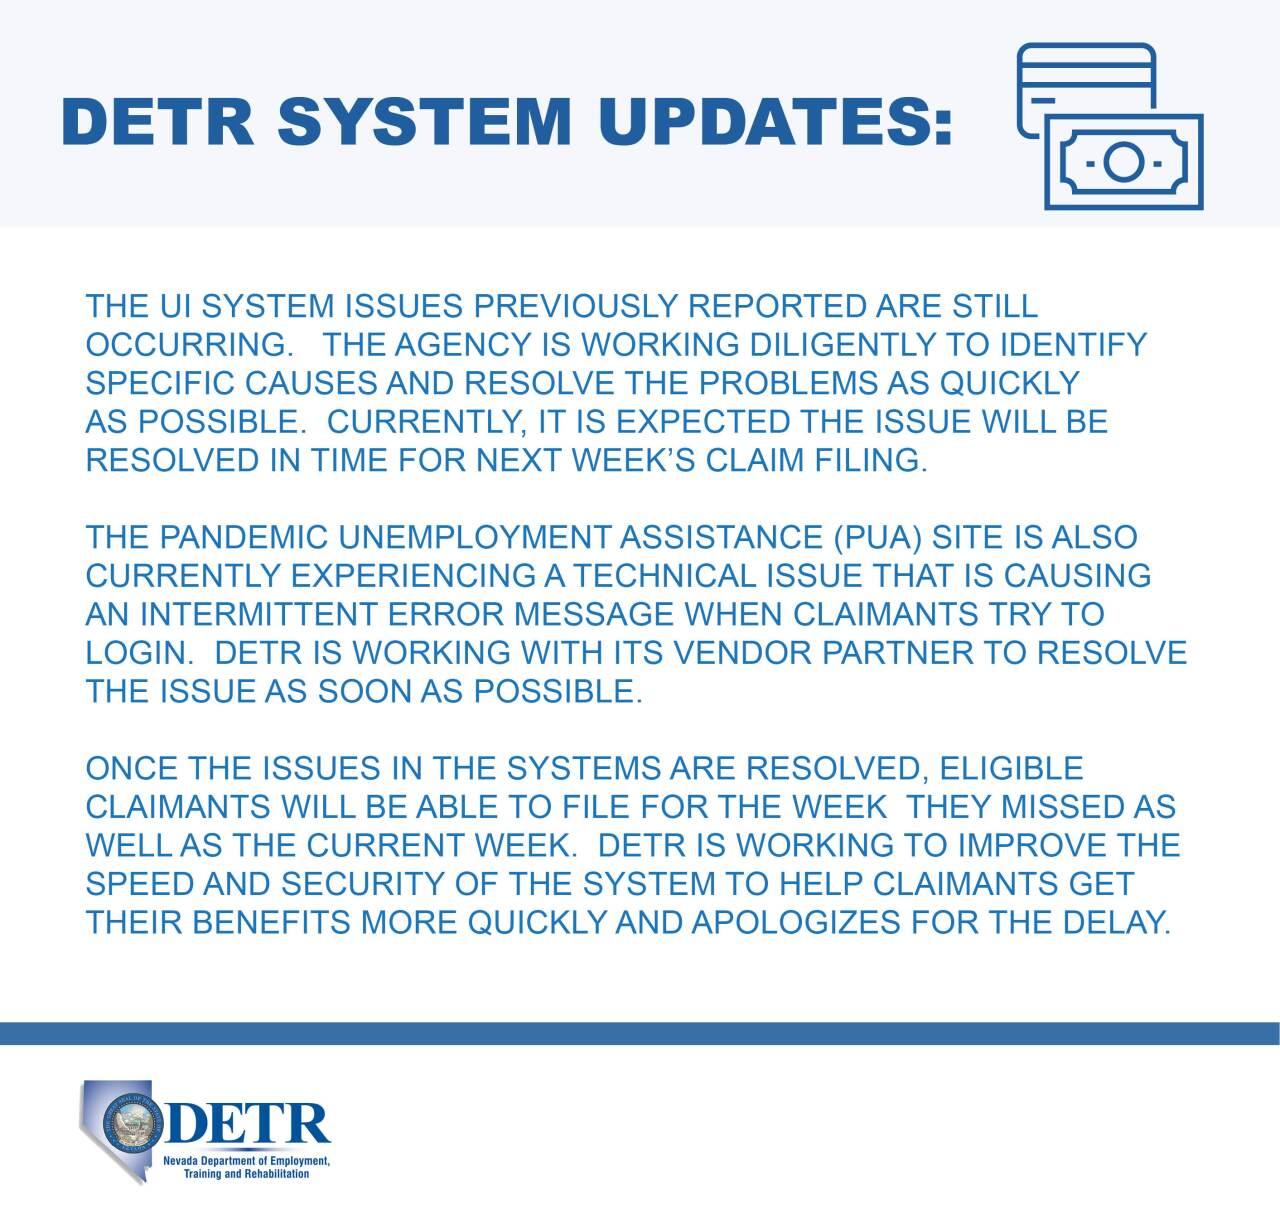 DETR Update